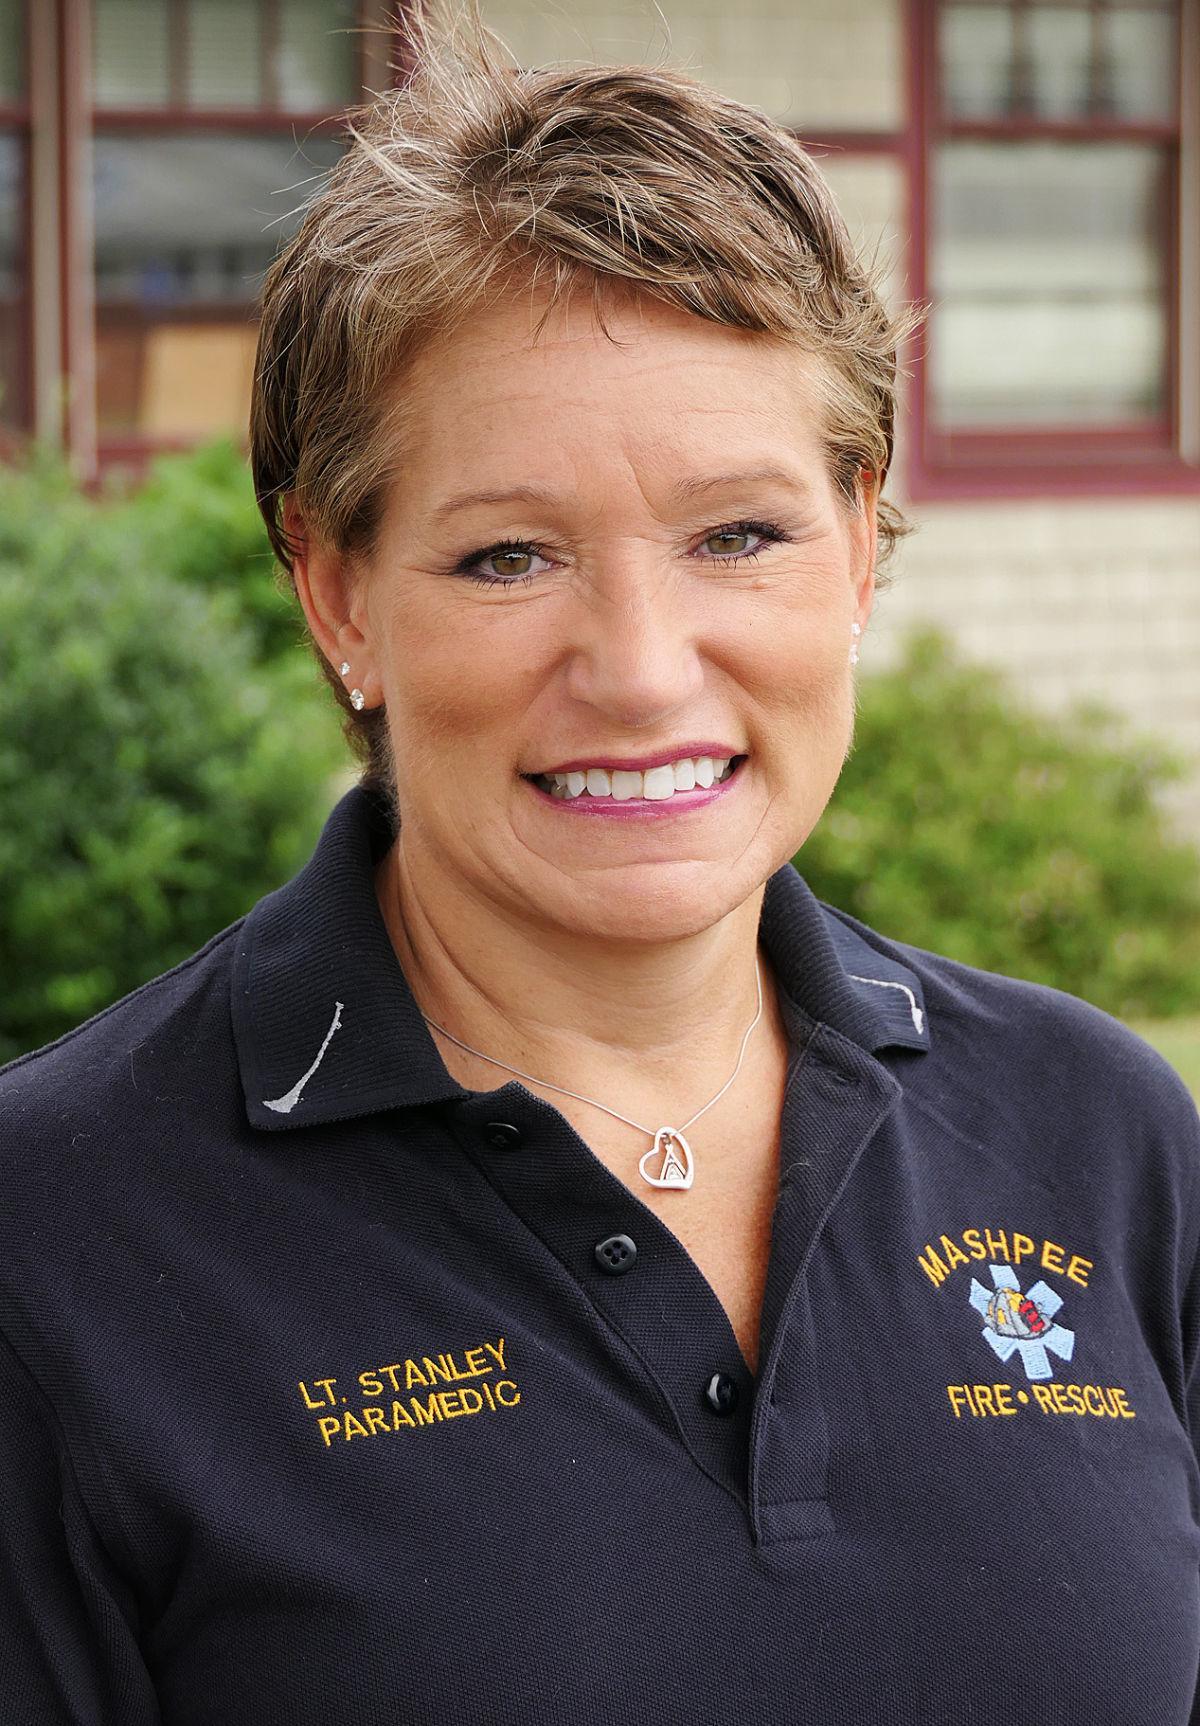 Nicole Stanley